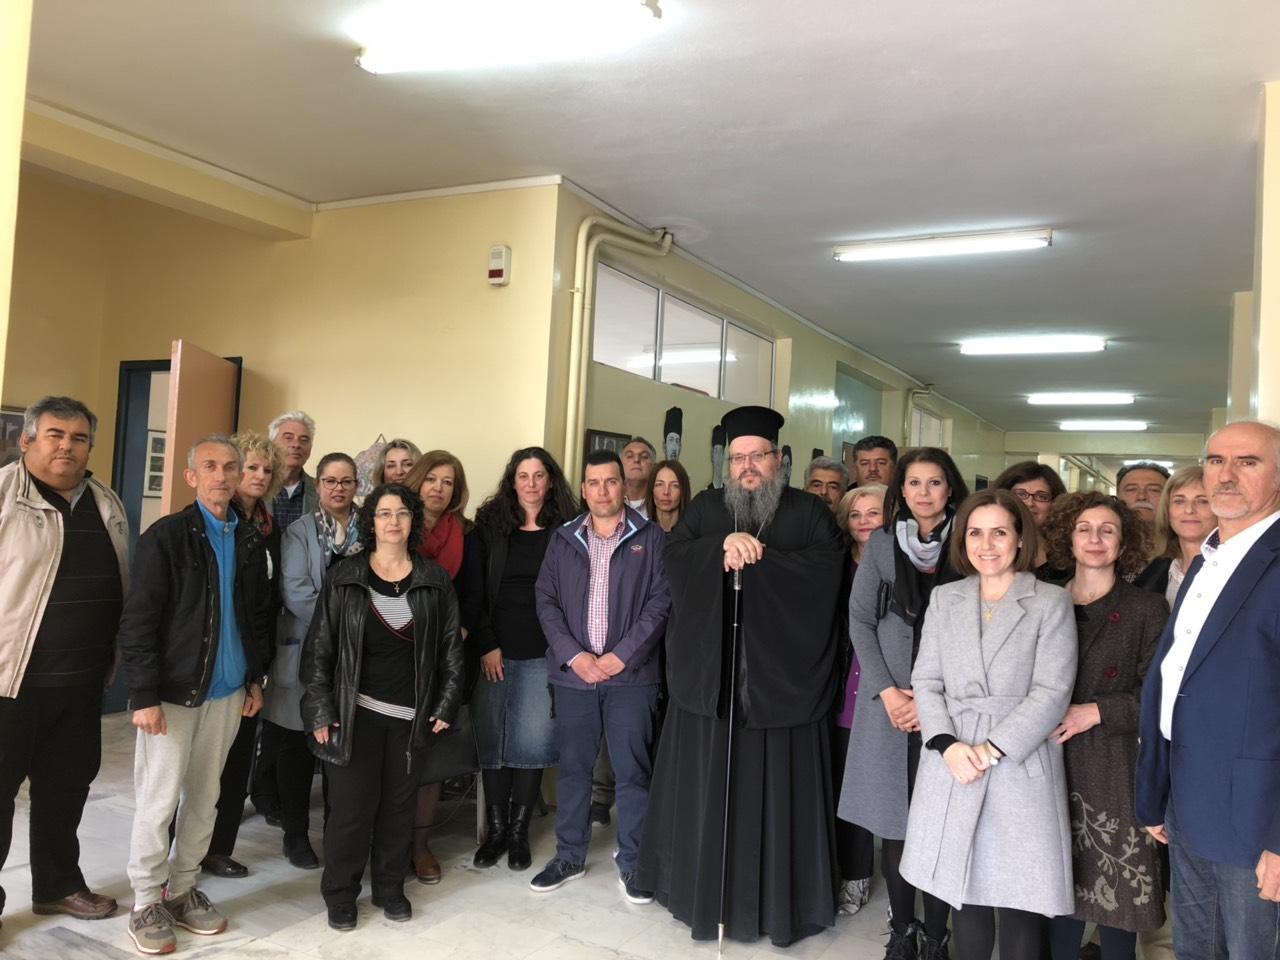 gymnasio ampelona 10 - Ο Σεβασμιώτατος επισκέφθηκε το Γυμνάσιο Αμπελώνα (φωτο)